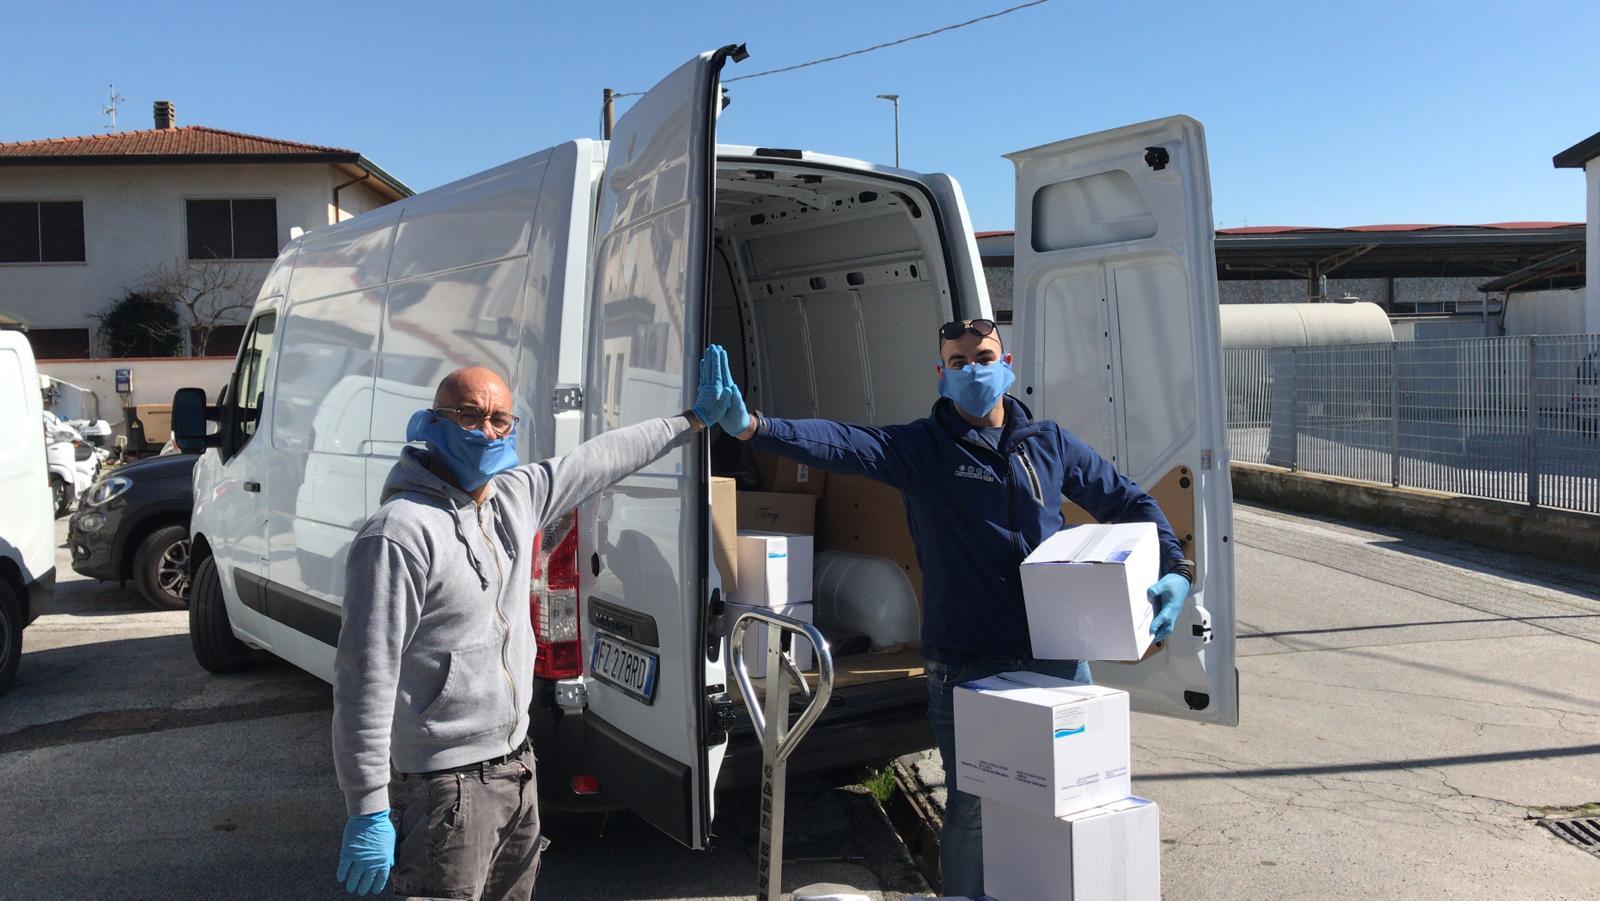 Coronavirus, il cuore del Varignano è grande: Massimo e Luca Vairo donano 7mila mascherine